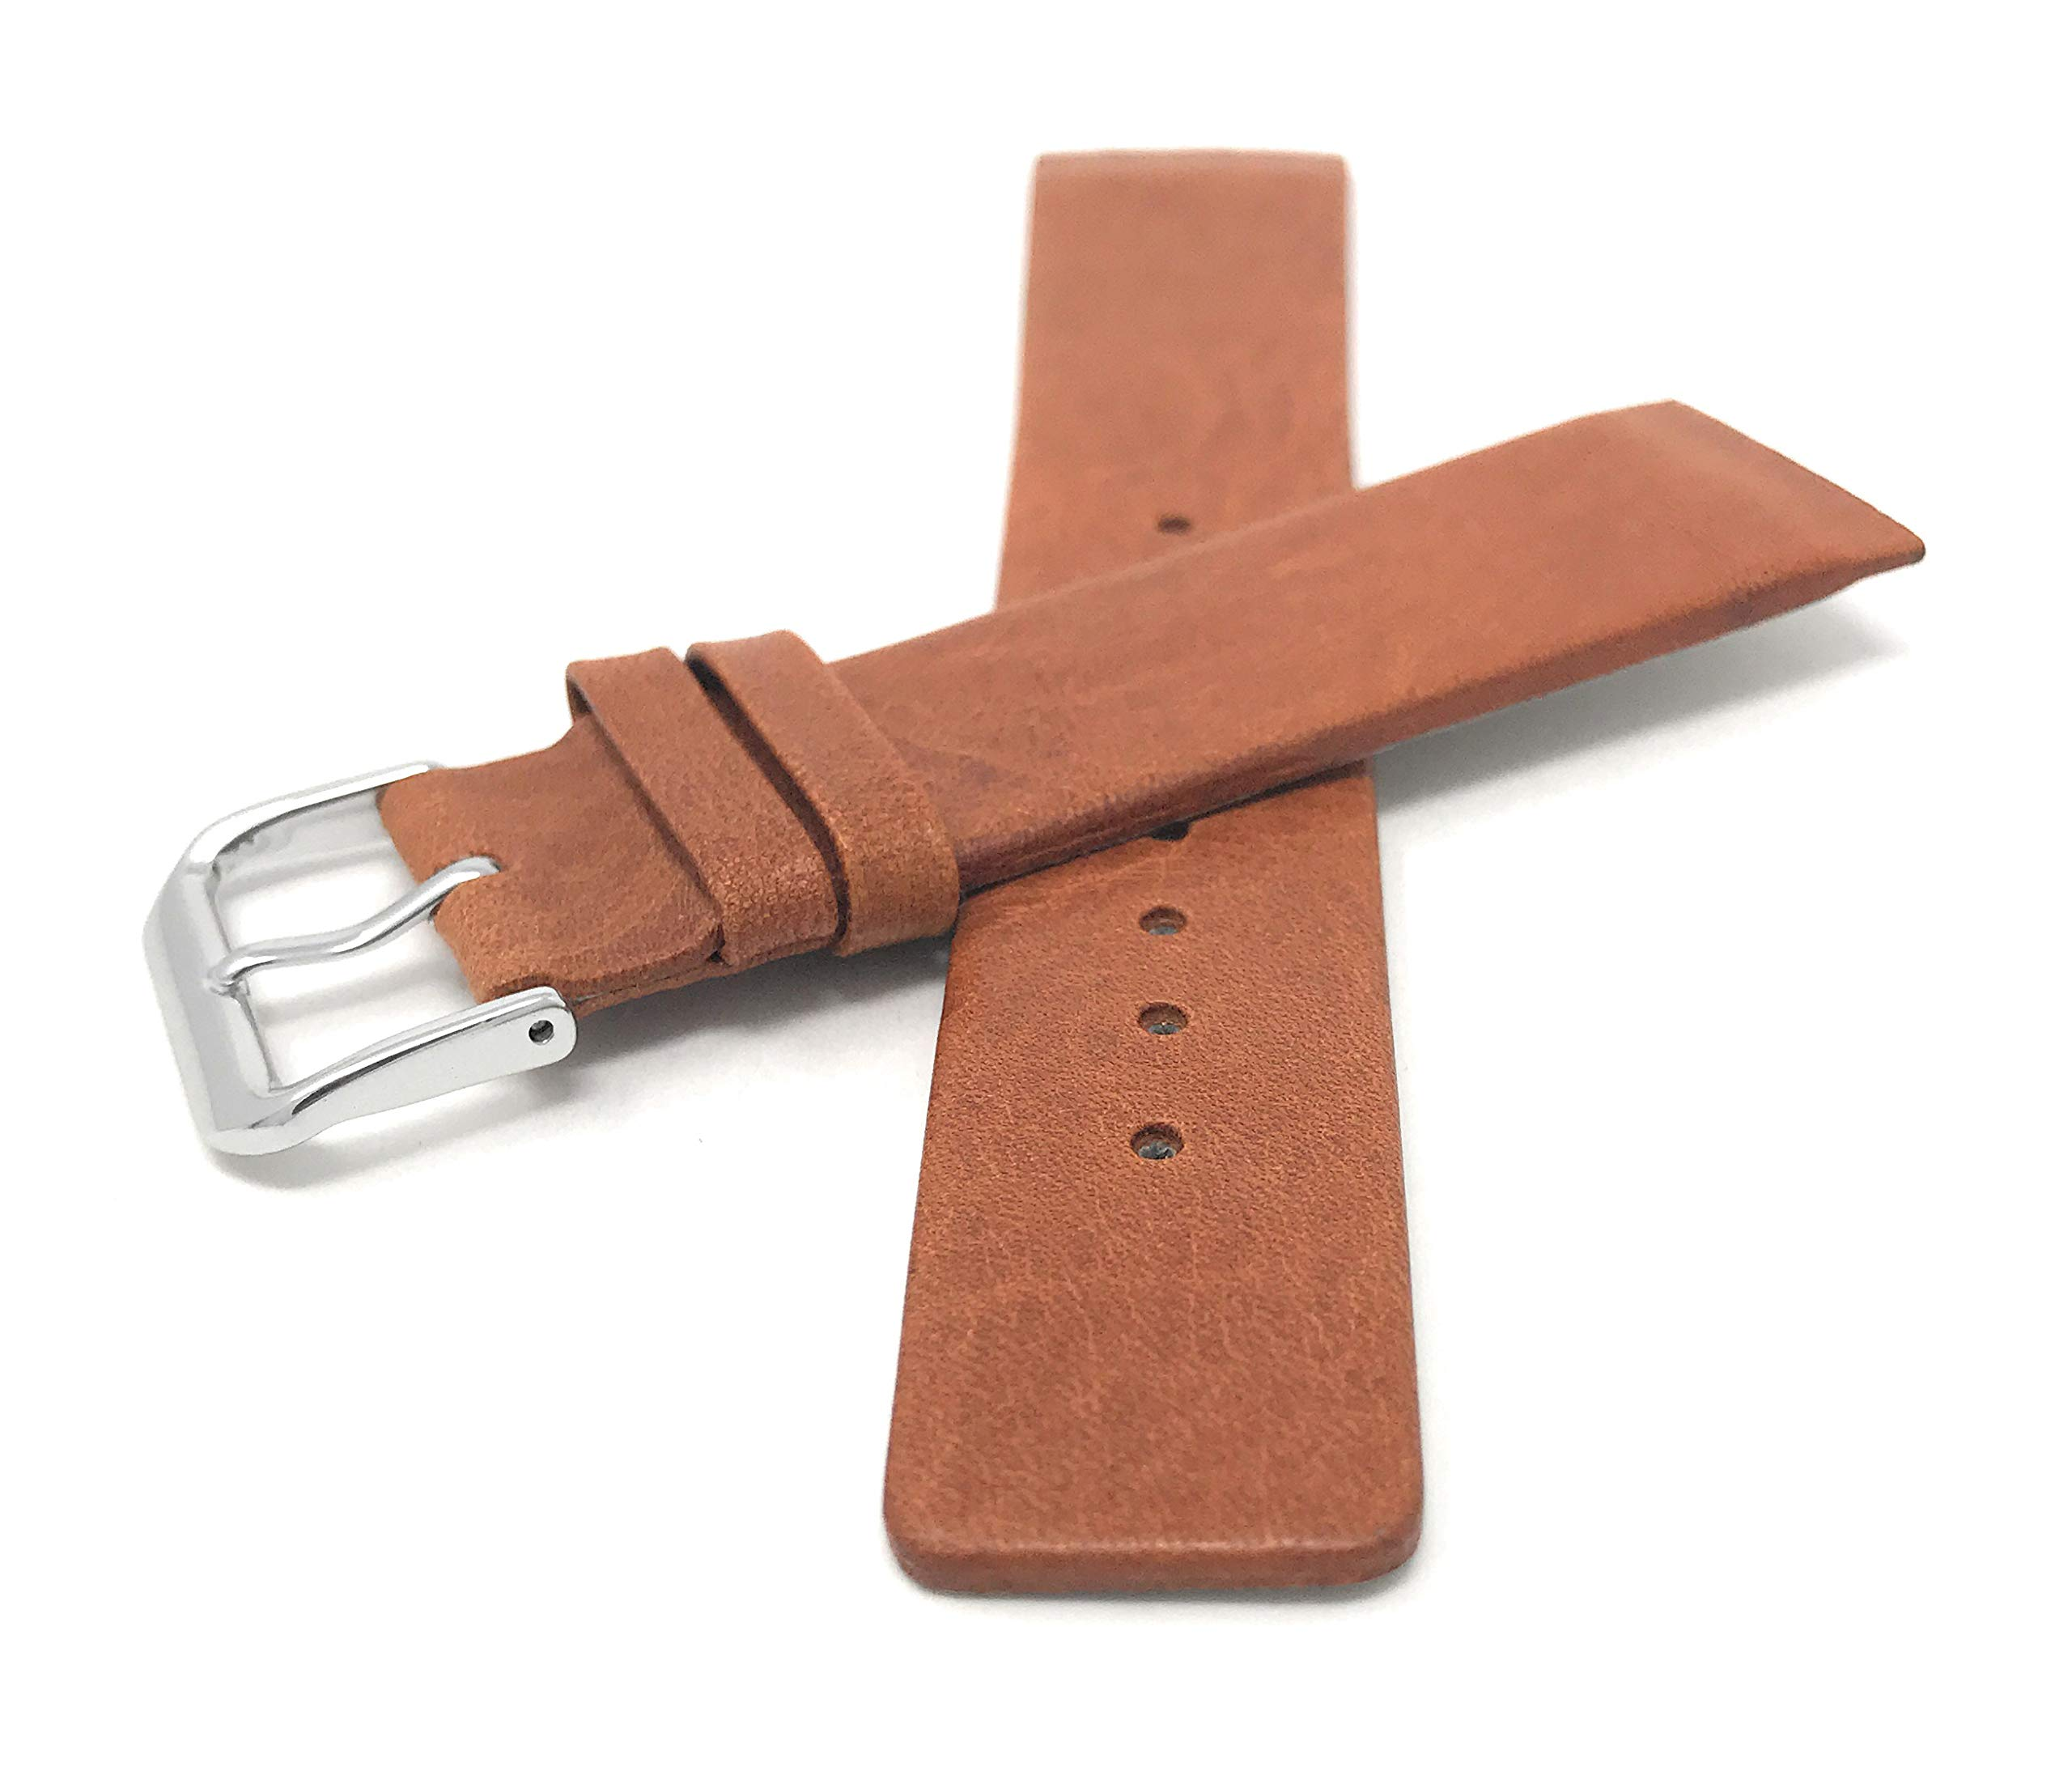 14mm-31mm-Leder-Uhrenarmband-Fr-Skagen-Braun-Schwarz-Und-Wei